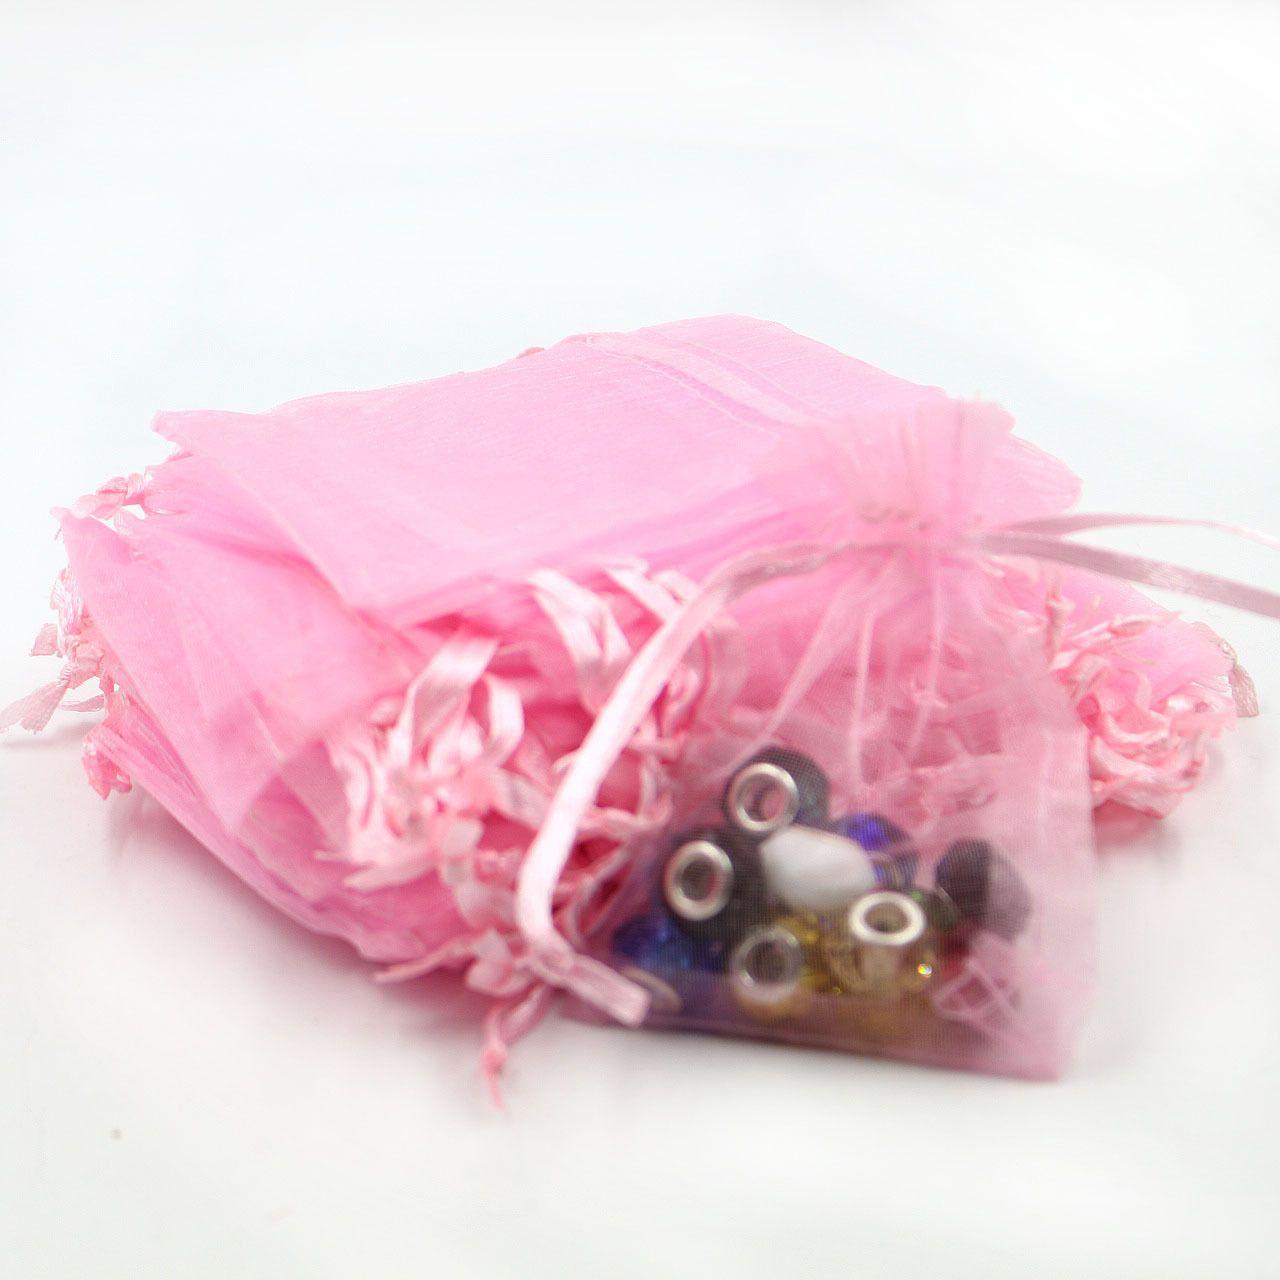 Оптовая Ювелирные Сумки СМЕШАННЫЕ Органзы Ювелирные Изделия Свадьба Xmas Подарочные Пакеты Фиолетовый Синий Розовый Желтый Черный С Шнурок 7 * 9 см